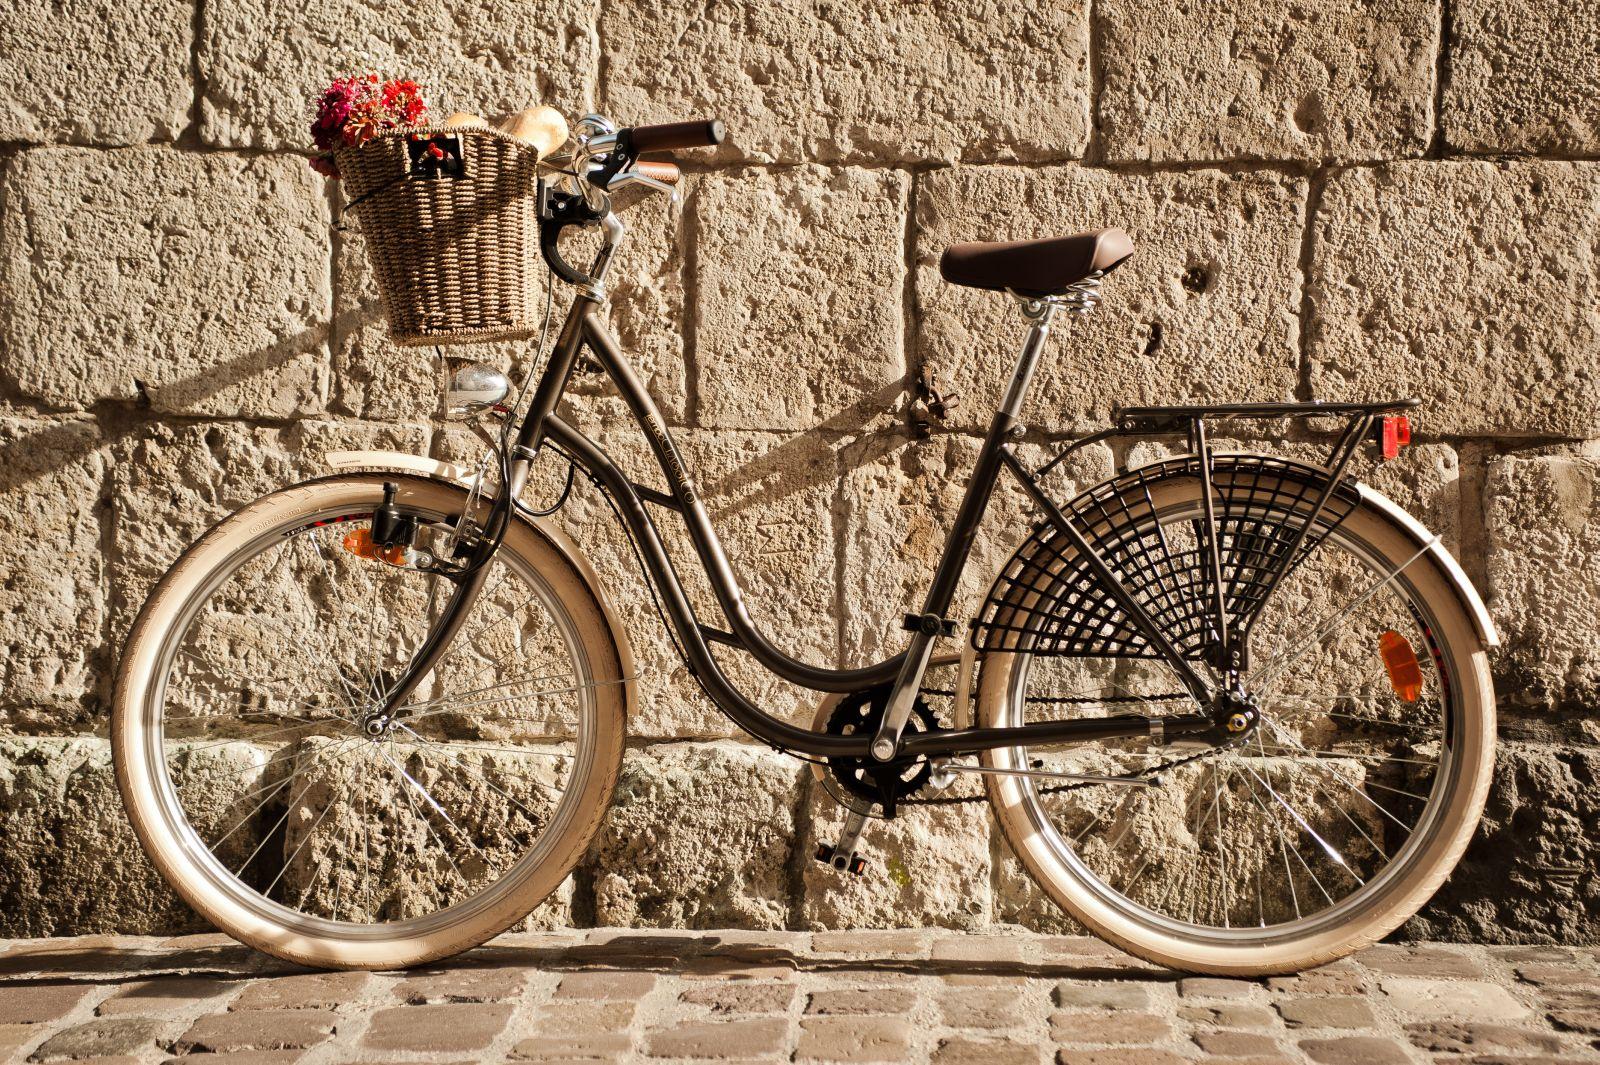 Pta North Bike Tyre: April 2013